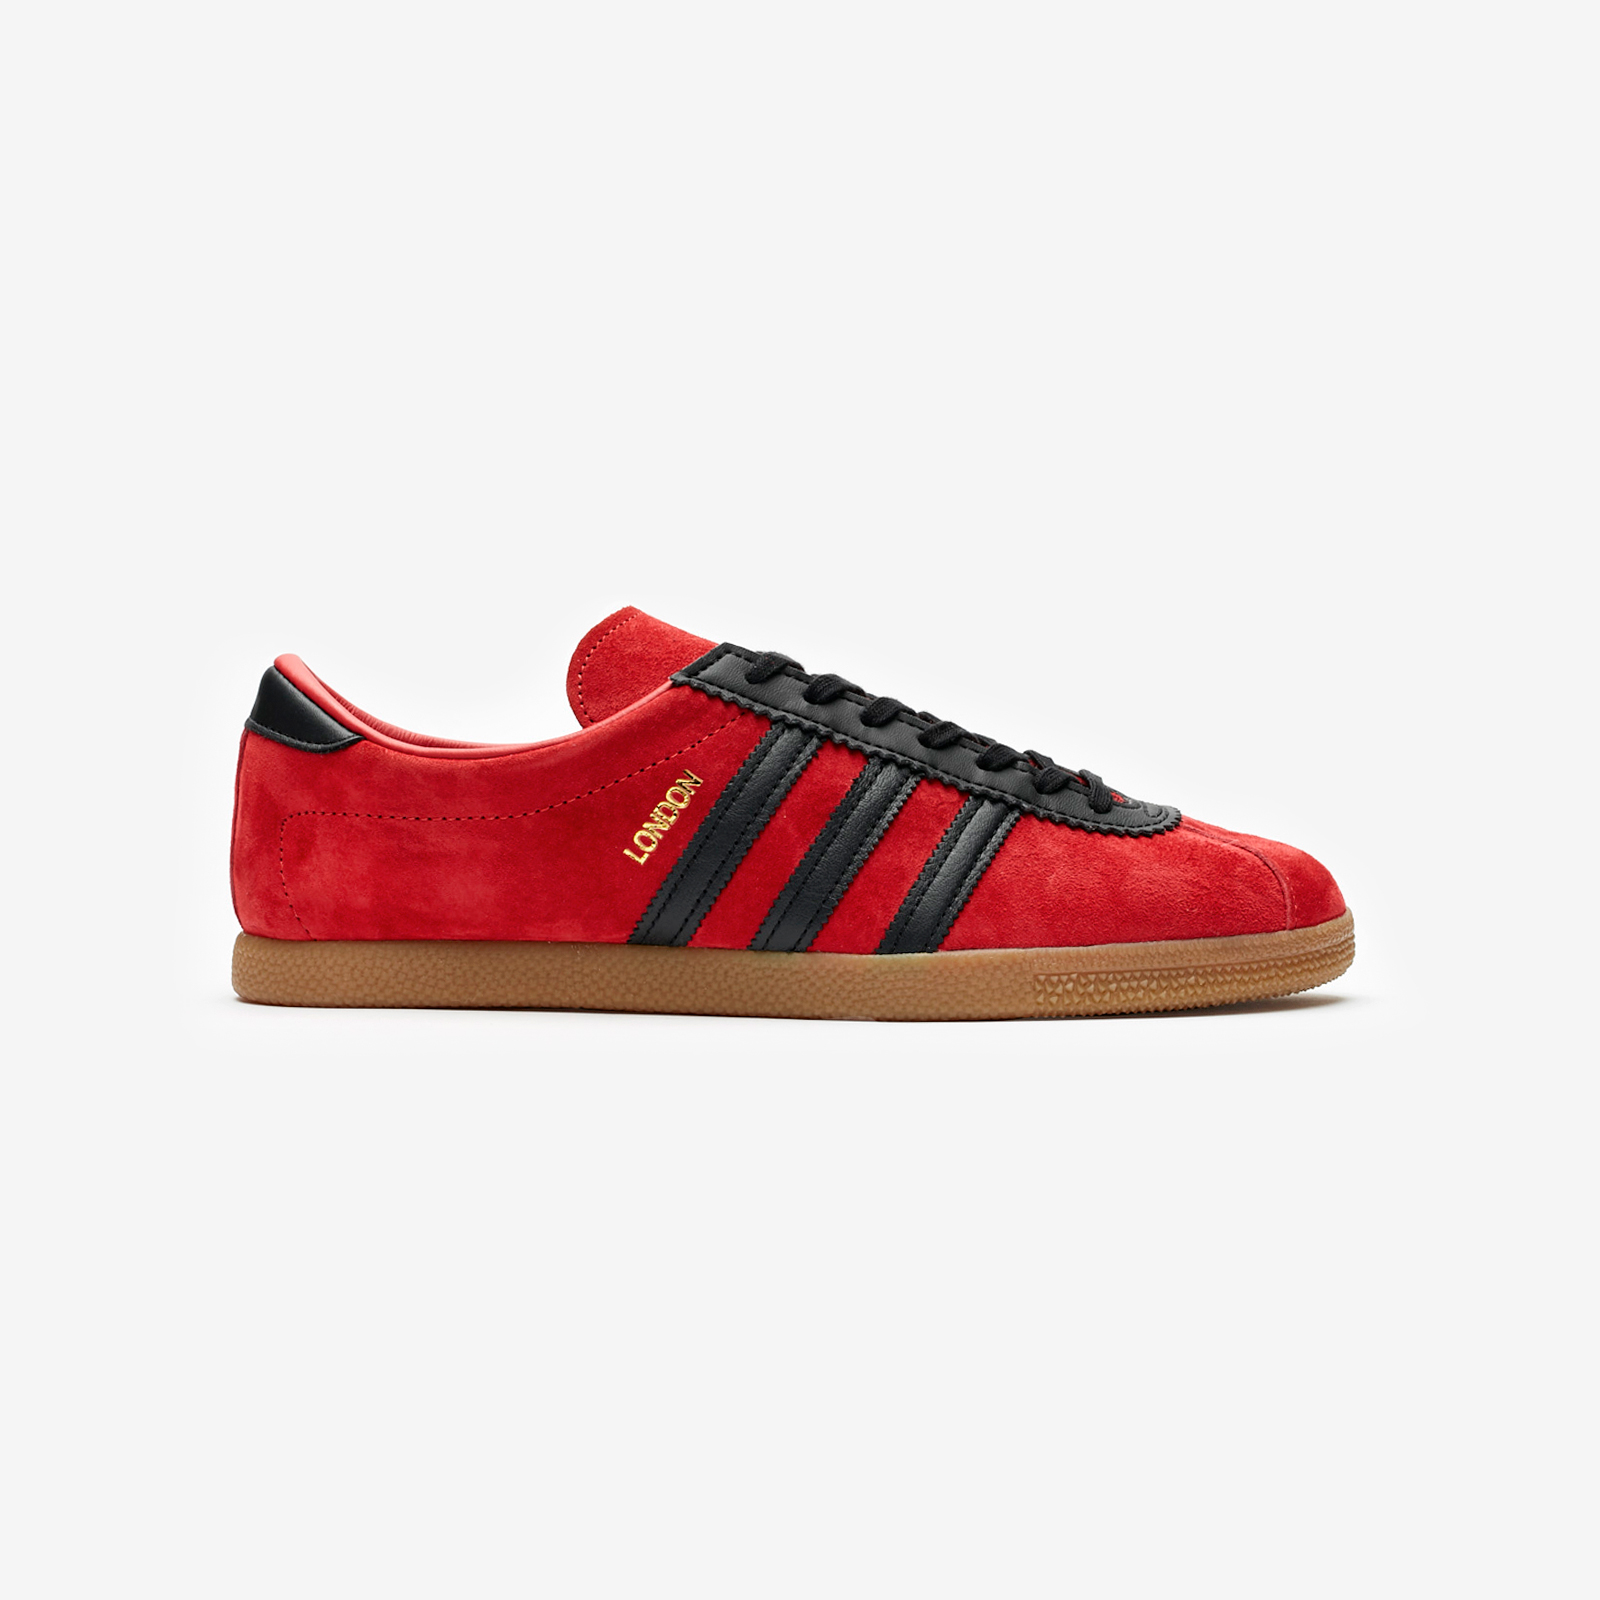 adidas London Ee5723 Sneakersnstuff | sneakers